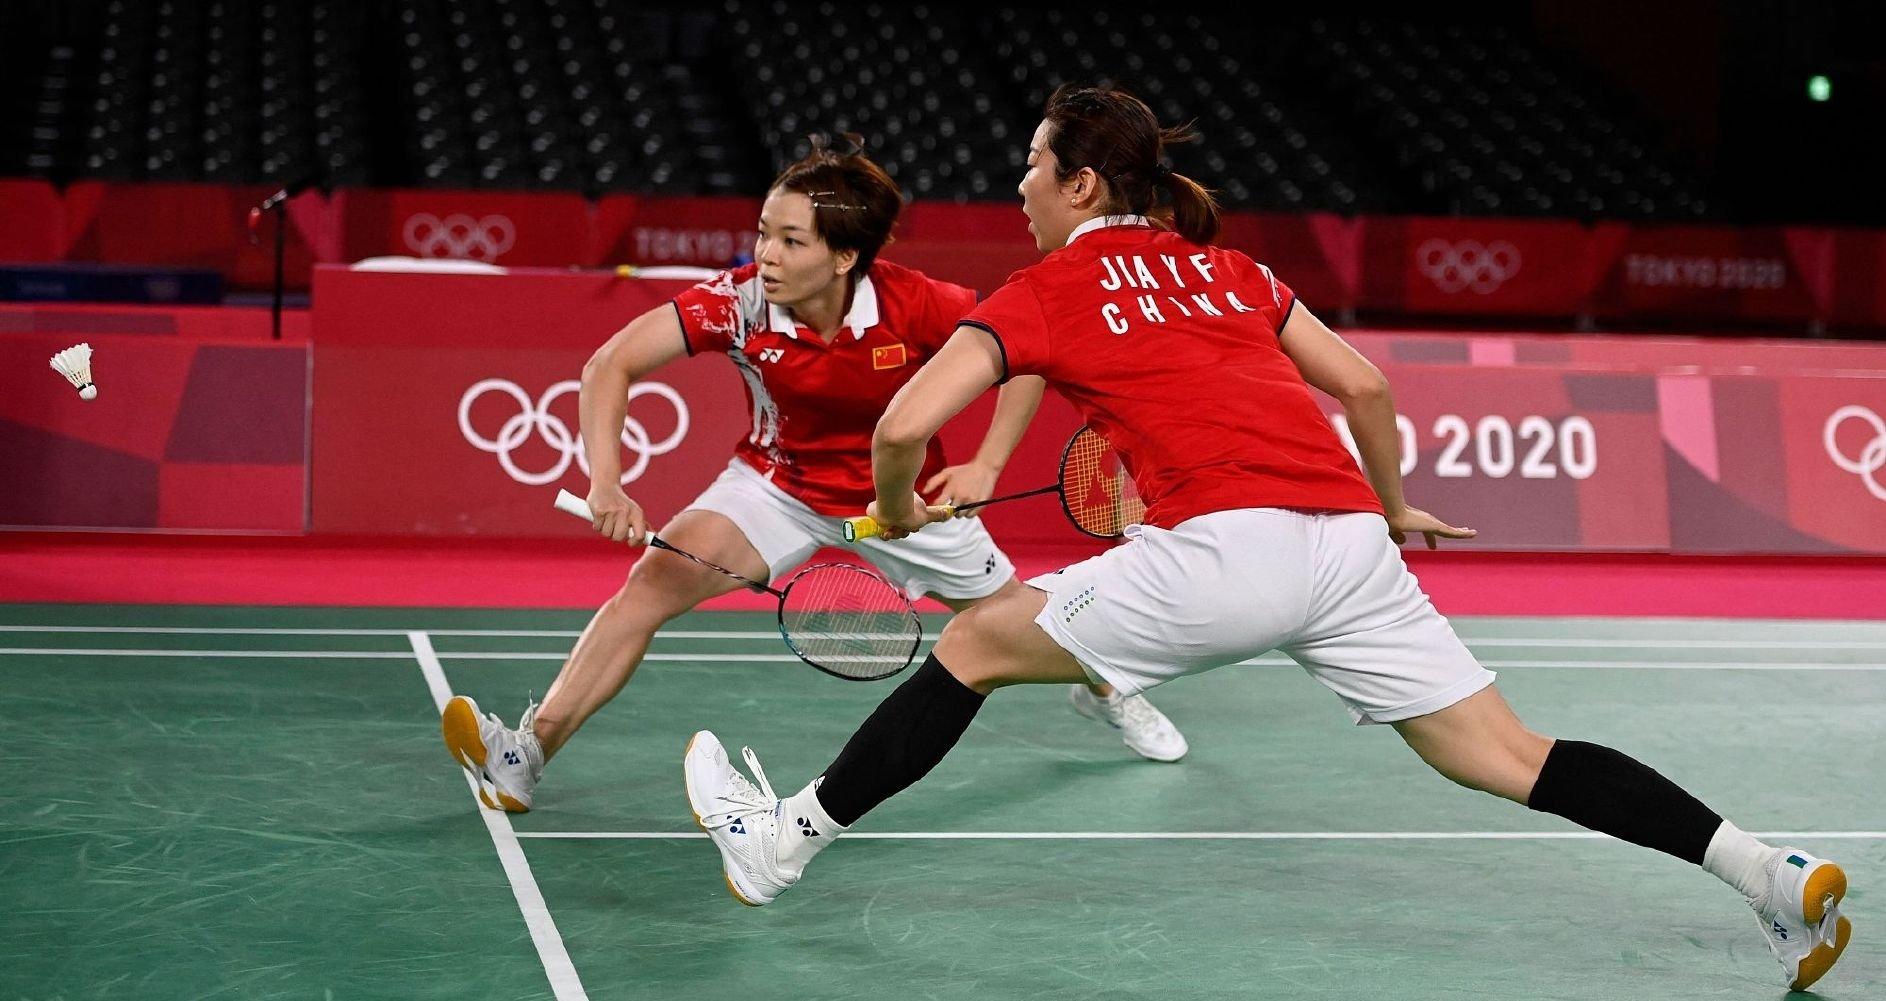 祝贺陈清晨贾一凡摘银! 两位姐姐的运动精神值得我们敬佩!